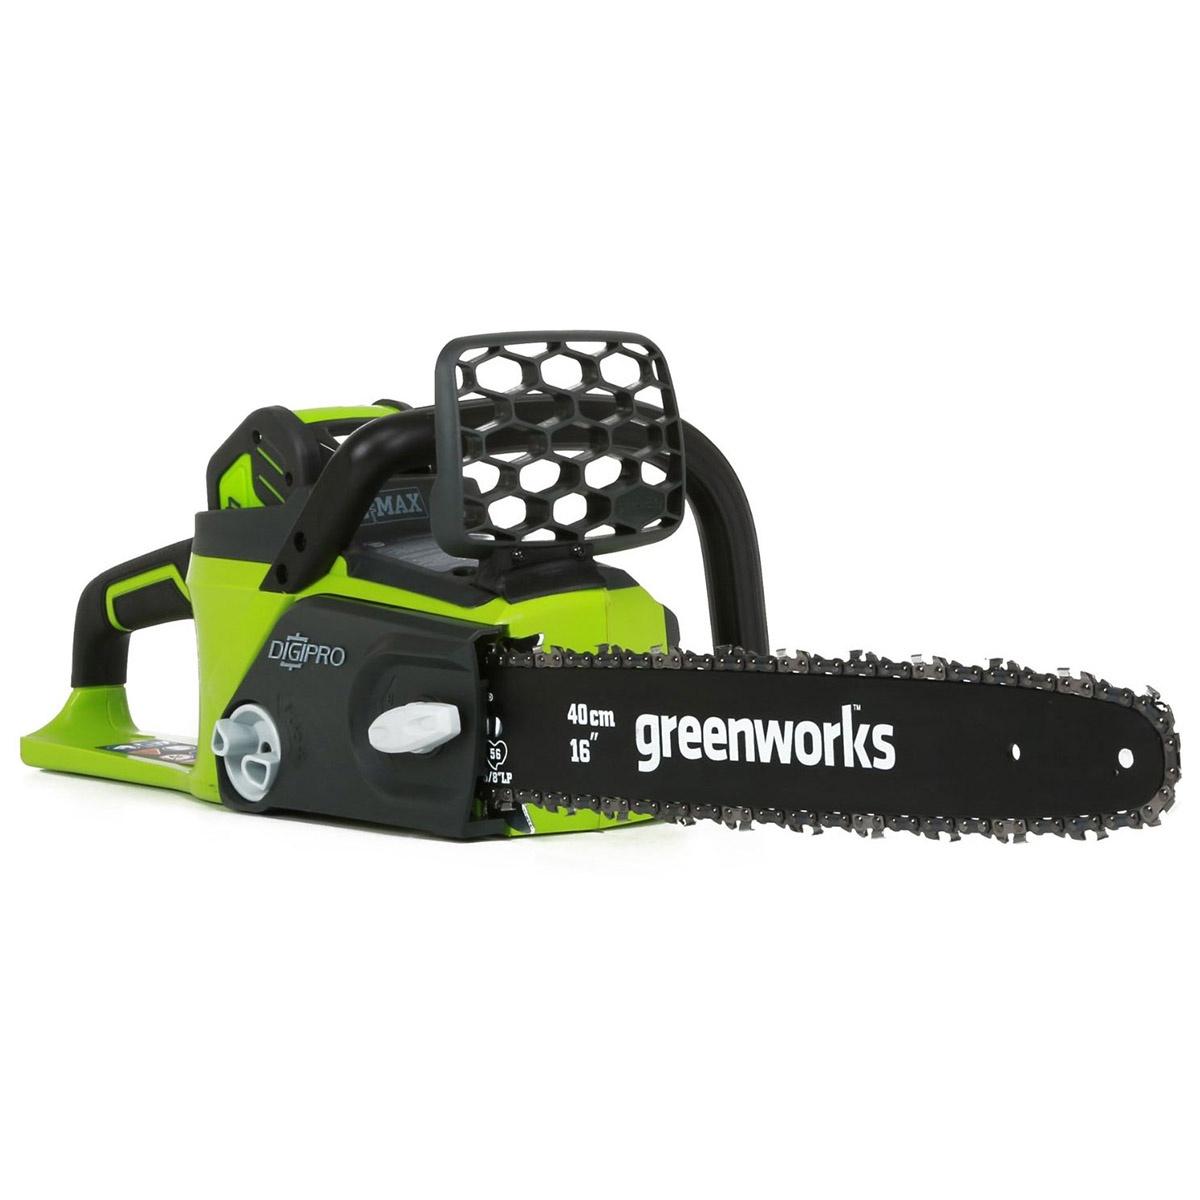 Цепная электропила Greenworks GD40CS40 40V цепная электропила sturm 4603010030805